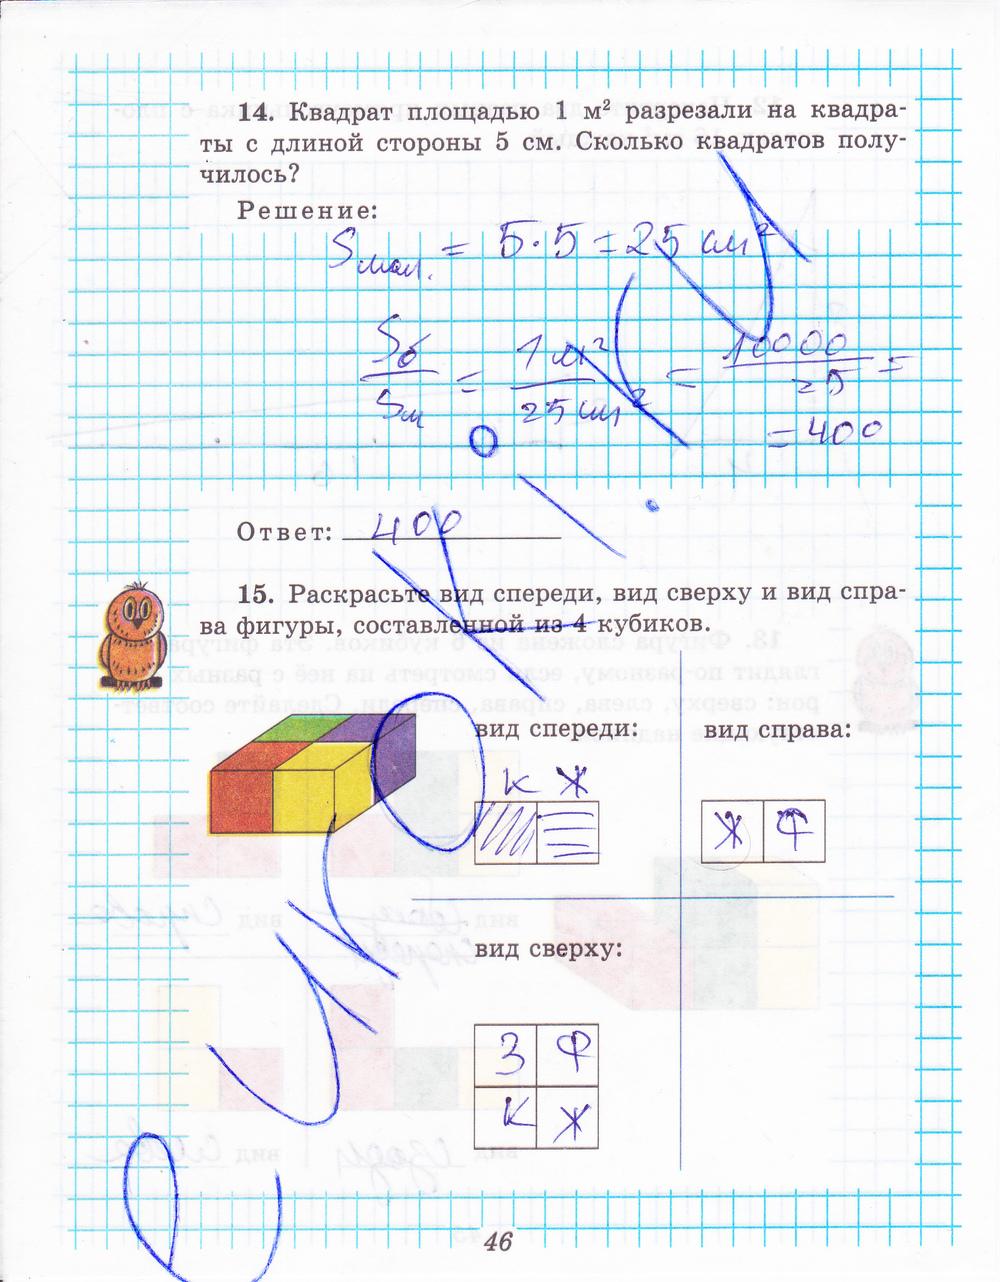 ГДЗ по математике 5 класс рабочая тетрадь Рудницкая Часть 1, 2. Задание: стр. 46